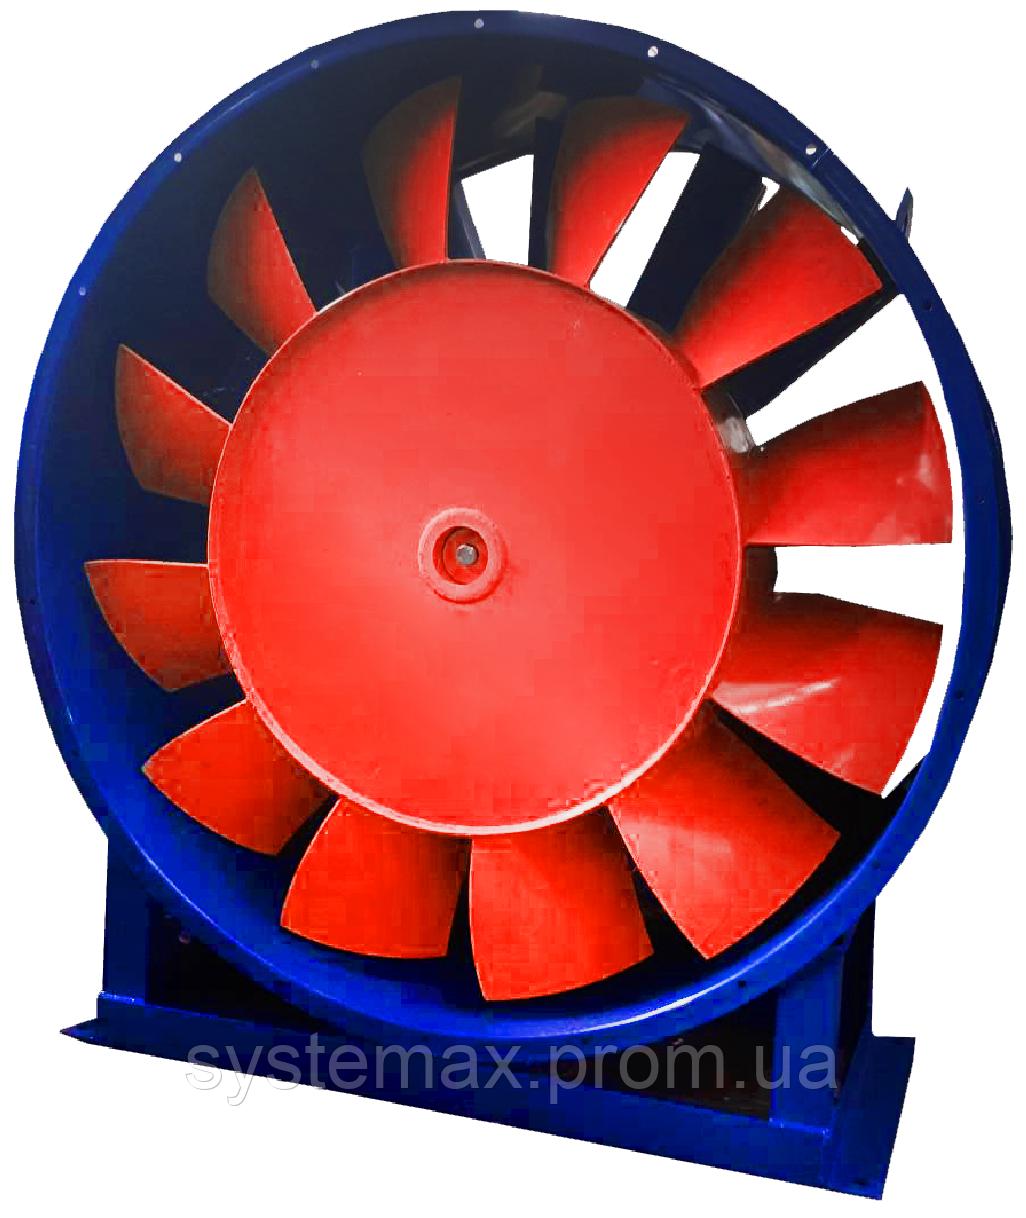 Вентилятор осевой В 2,3-130 №6,3 (ВО-46-130 №6,3)